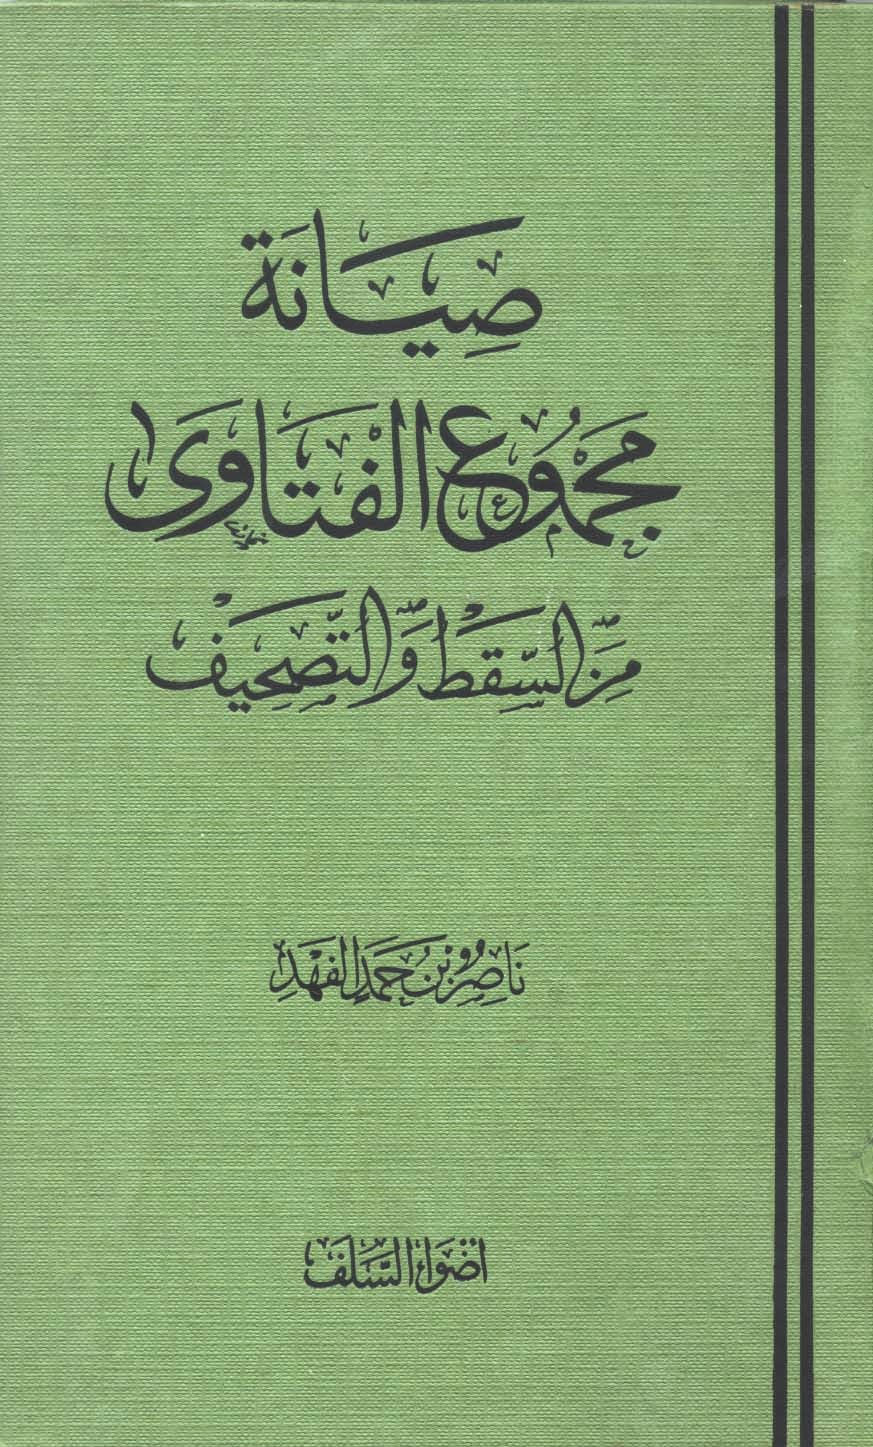 صيانة مجموع الفتاوى من السقط والتحريف - ناصر الفهد